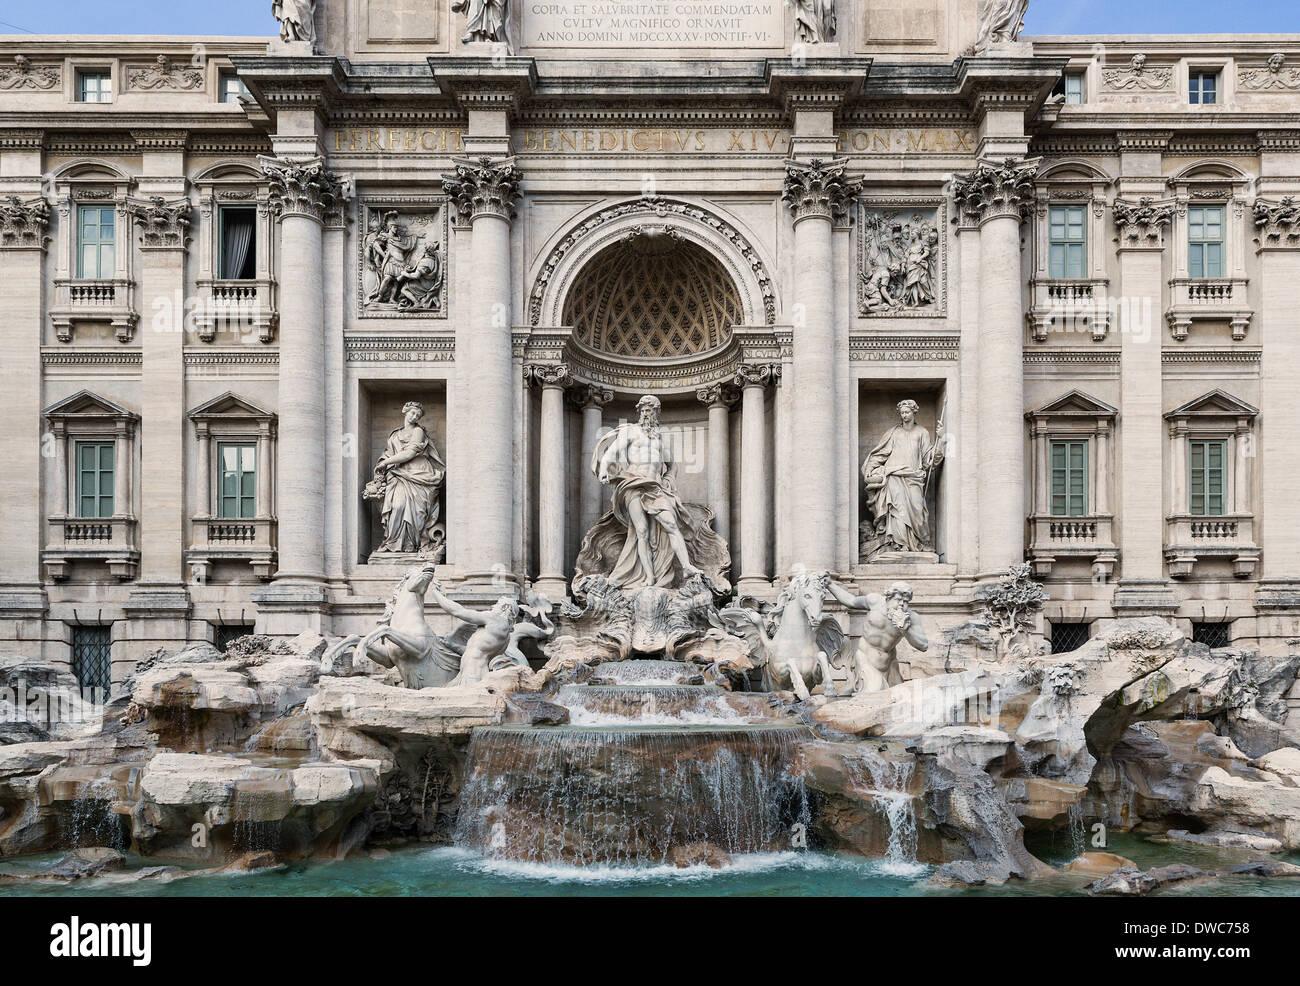 Los turistas se reúnen para admirar la fontana di Trevi, Roma, Italia Imagen De Stock